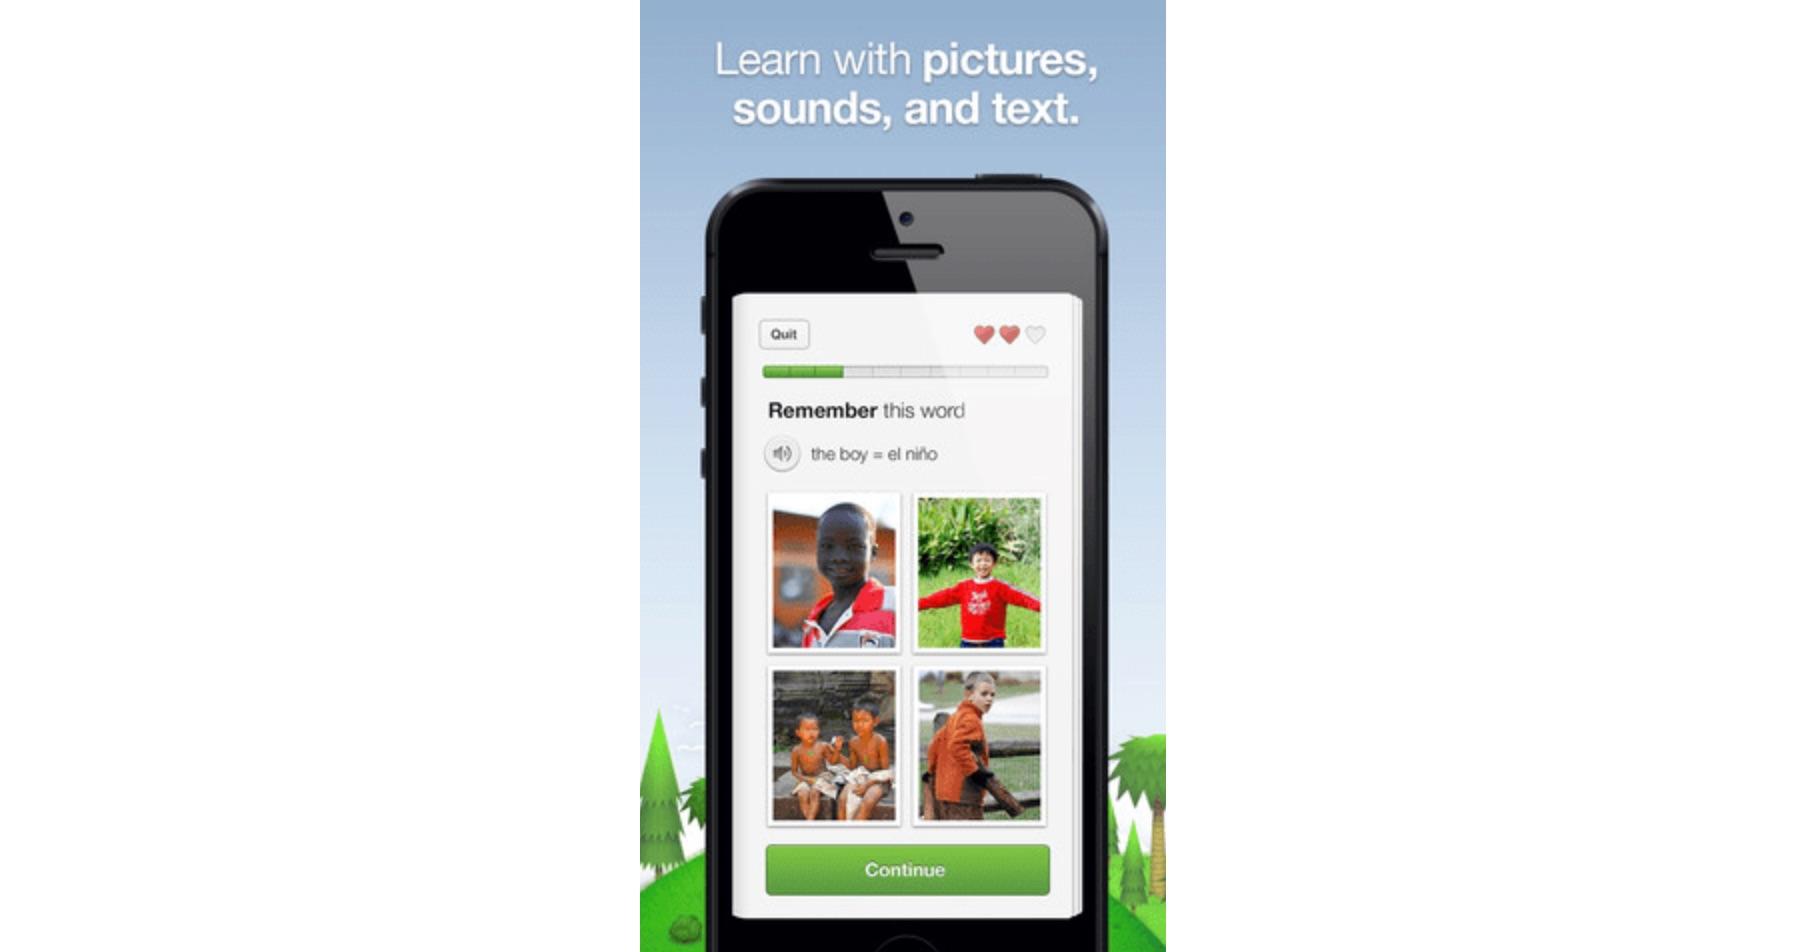 【长文】Duolingo如何在不向用户收费的情况下建立了价值7亿美元的公司插图(5)